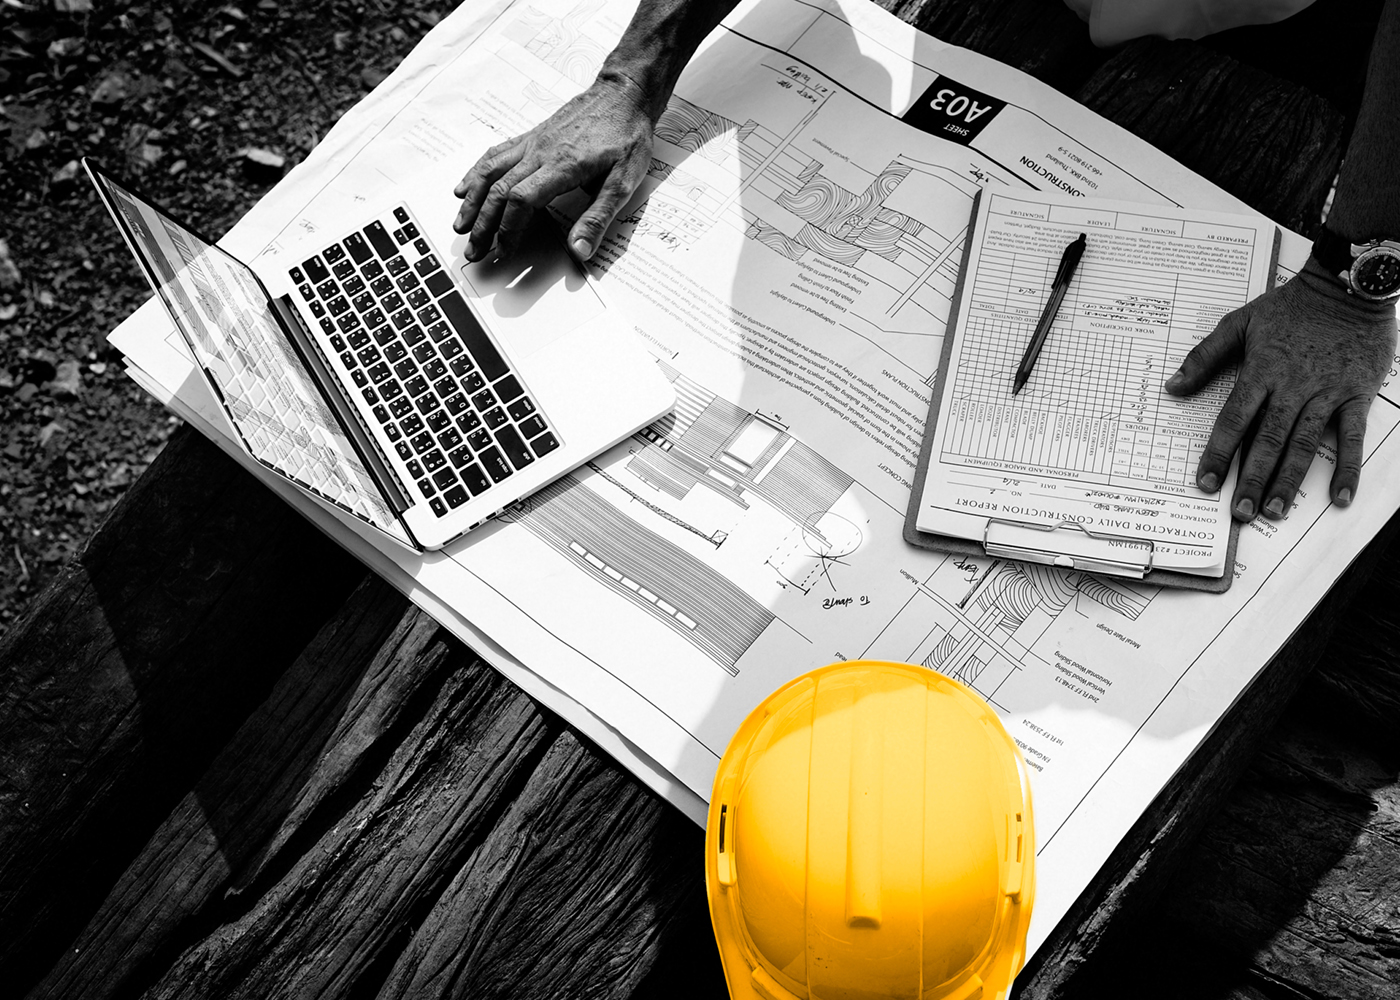 """ייצוג """"הכשרה חברה לביטוח"""" בעסקת הקמת חברה למימון פרויקטי נדל""""ן בעשרות מיליוני שקלים"""